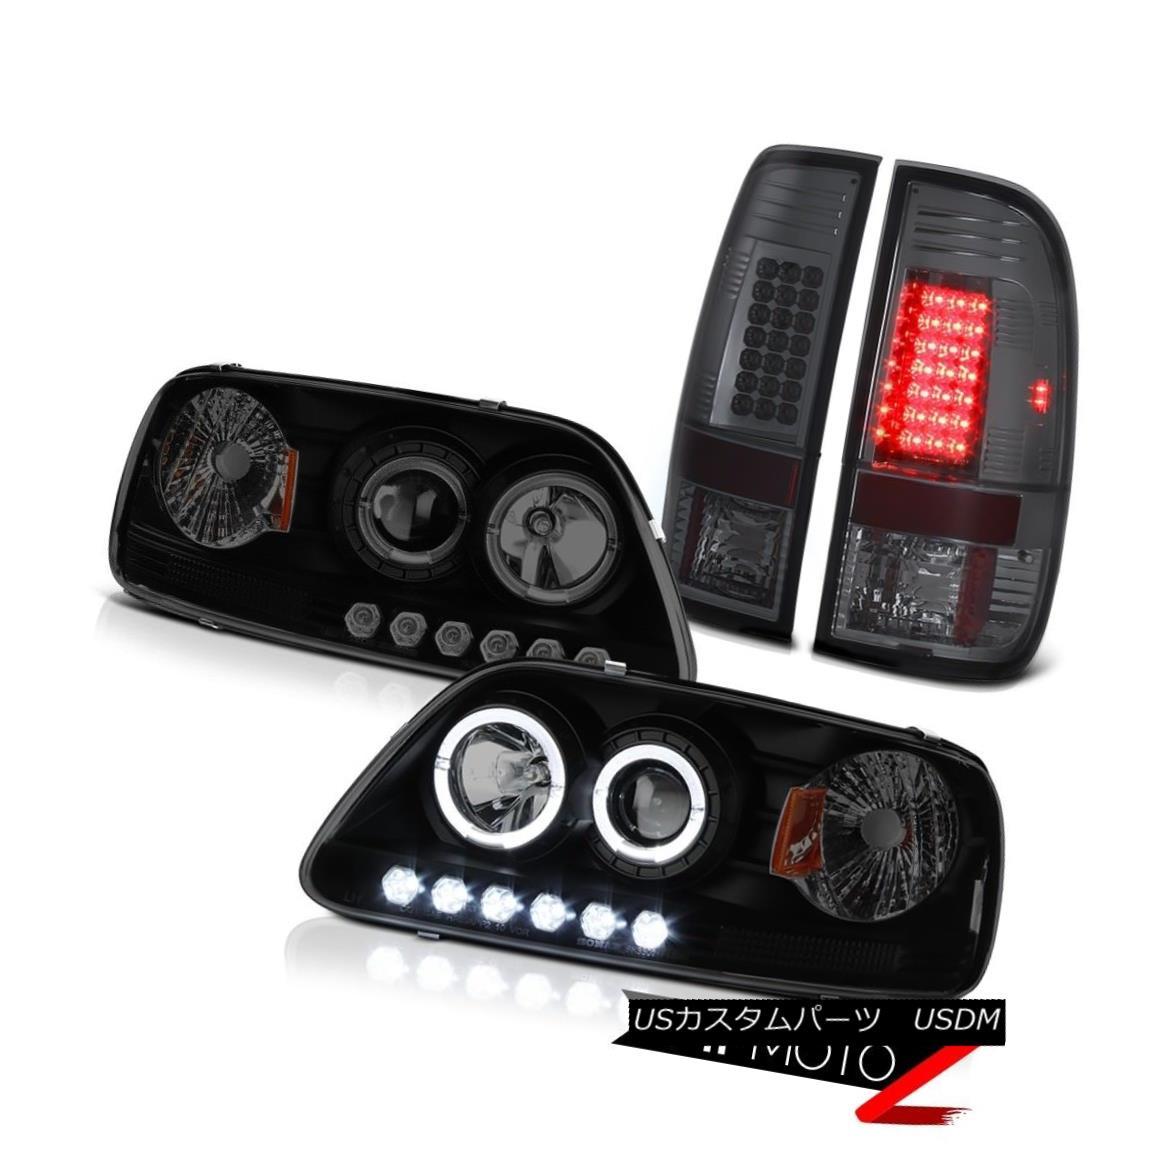 テールライト Ford F150 1997-2003 SMD DRL Headlamps Dark Black LED Brake Tail Lights Smoked フォードF150 1997-2003 SMD DRLヘッドランプダークブラックLEDブレーキテールライトスモーク